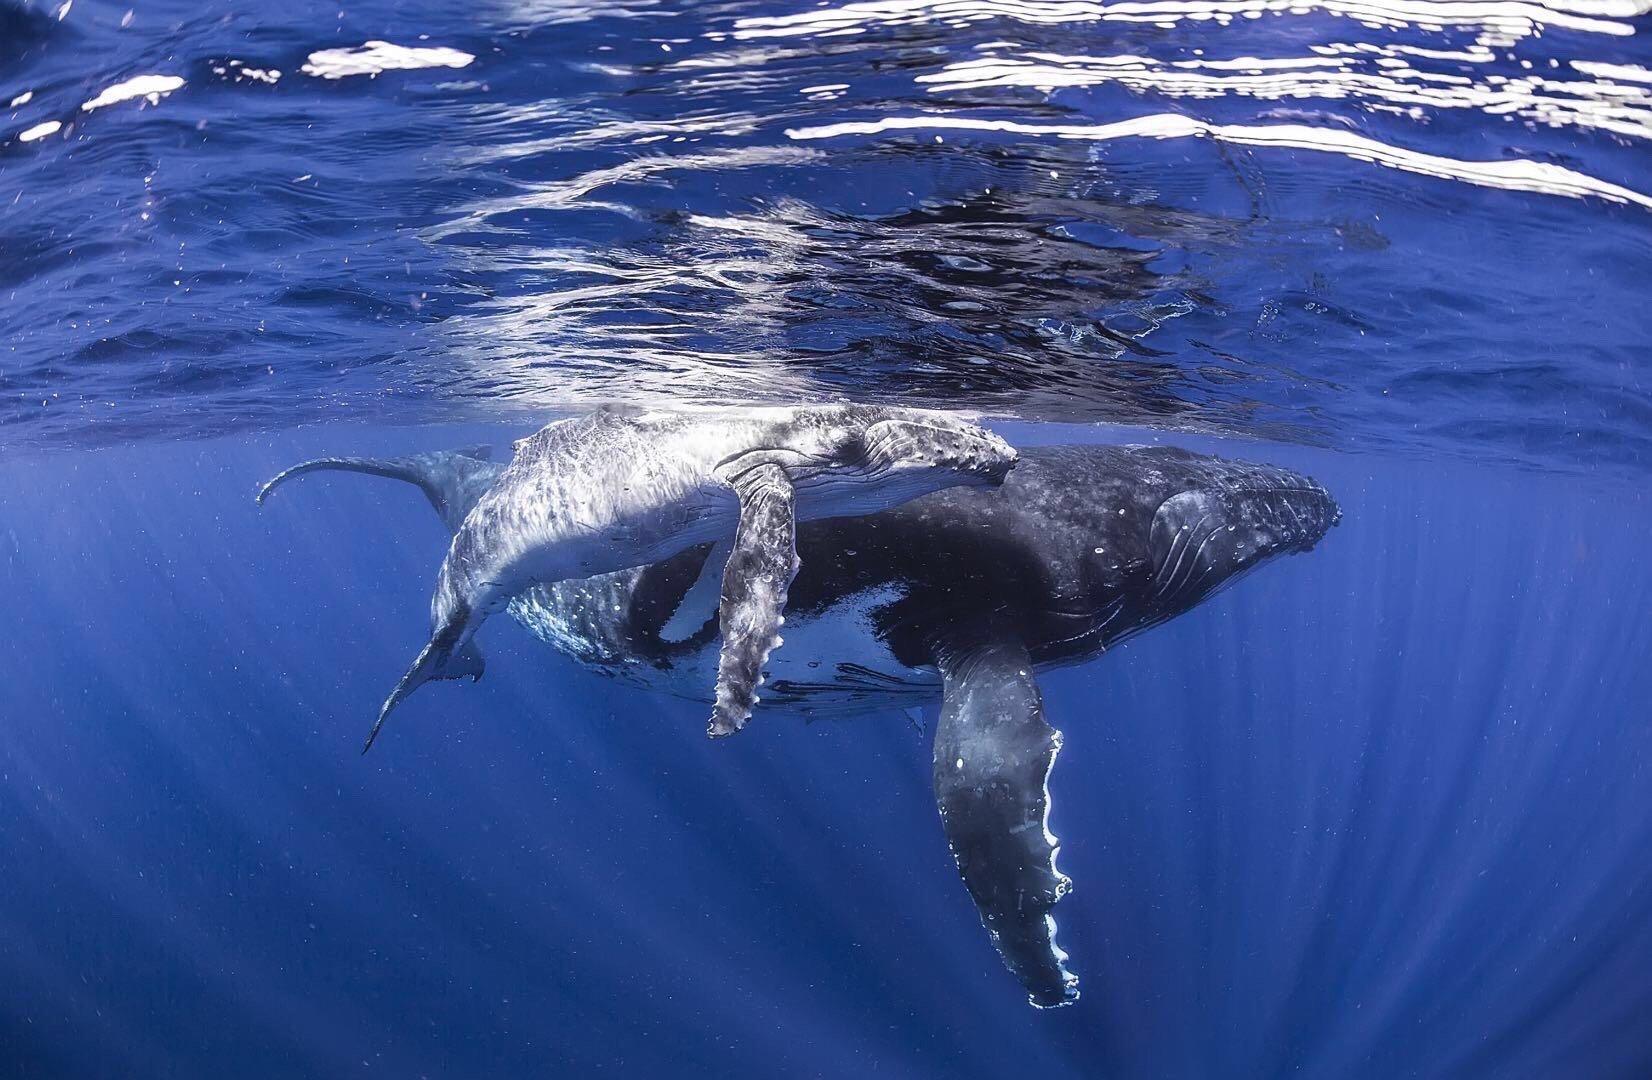 不恐怖不恐怖不恐怖大海超级美好,送你一片深蓝~